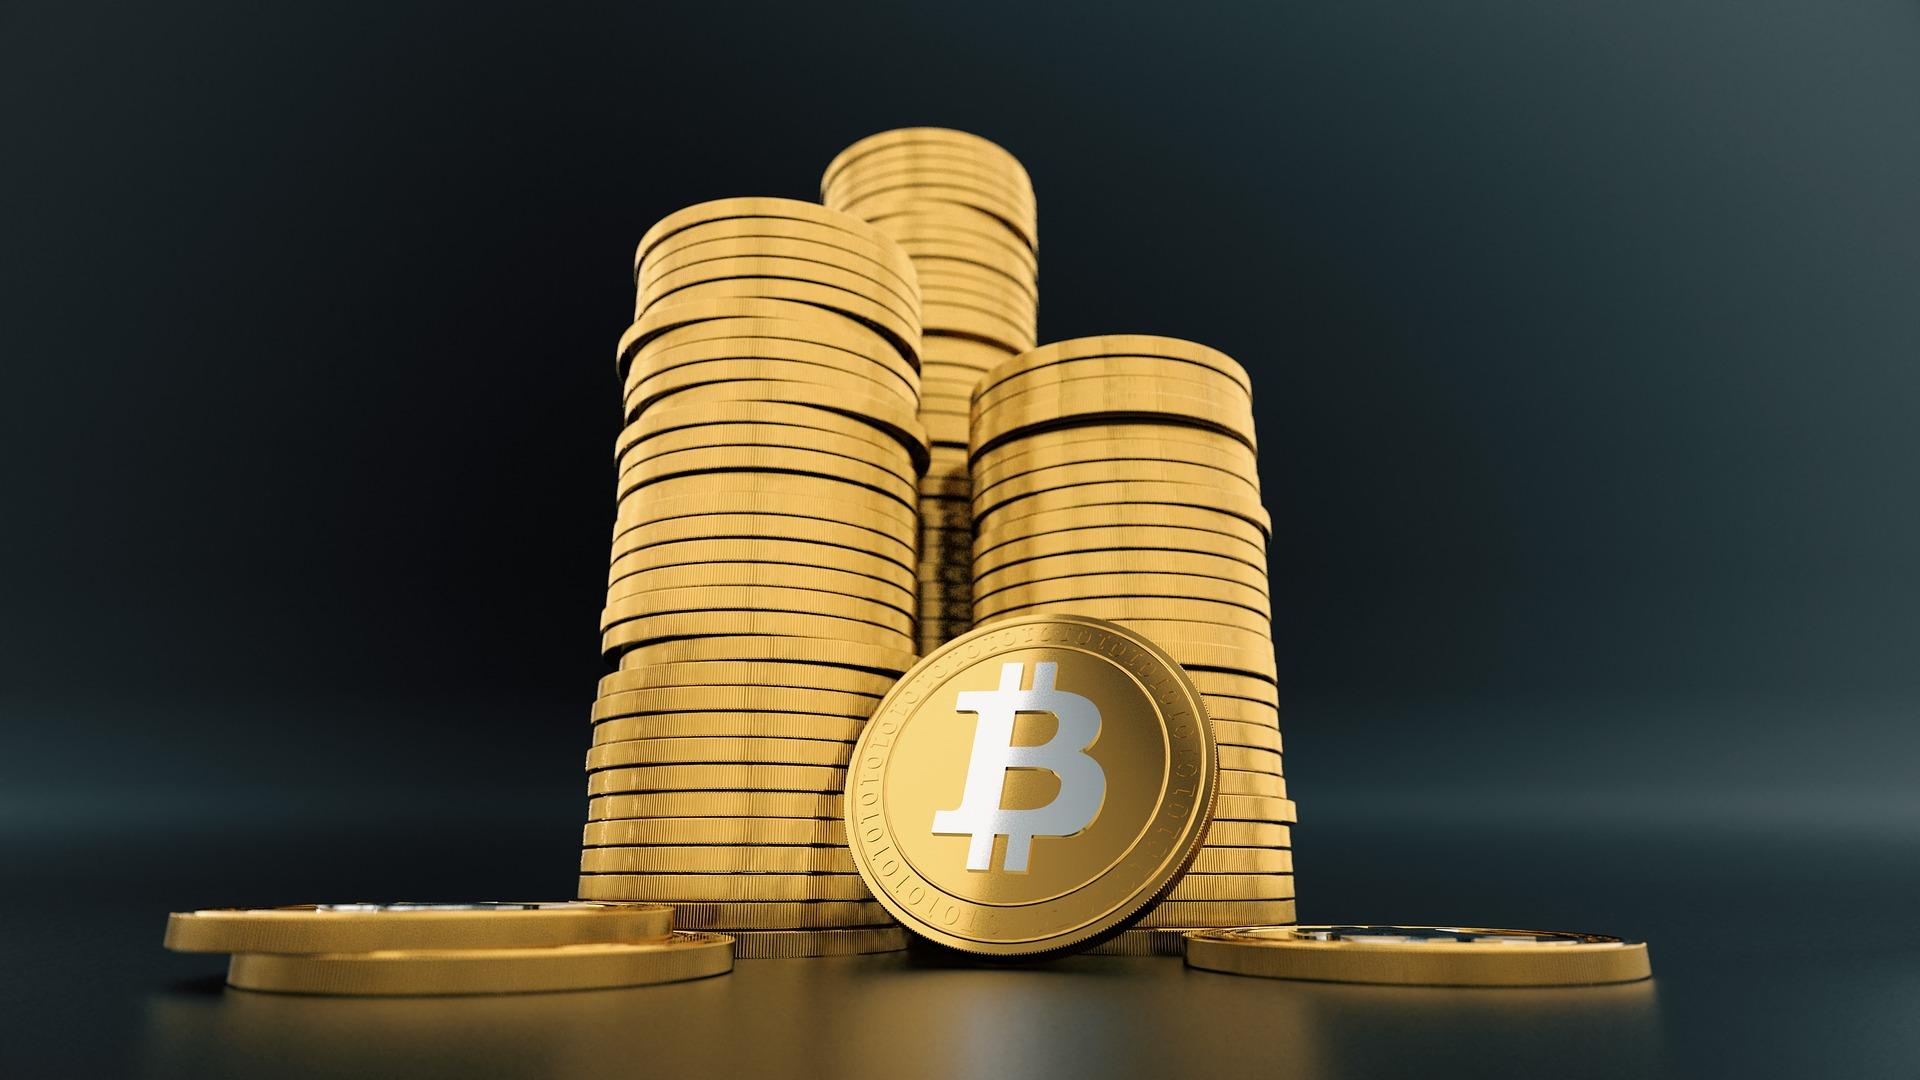 jak wydobywać bitcoiny